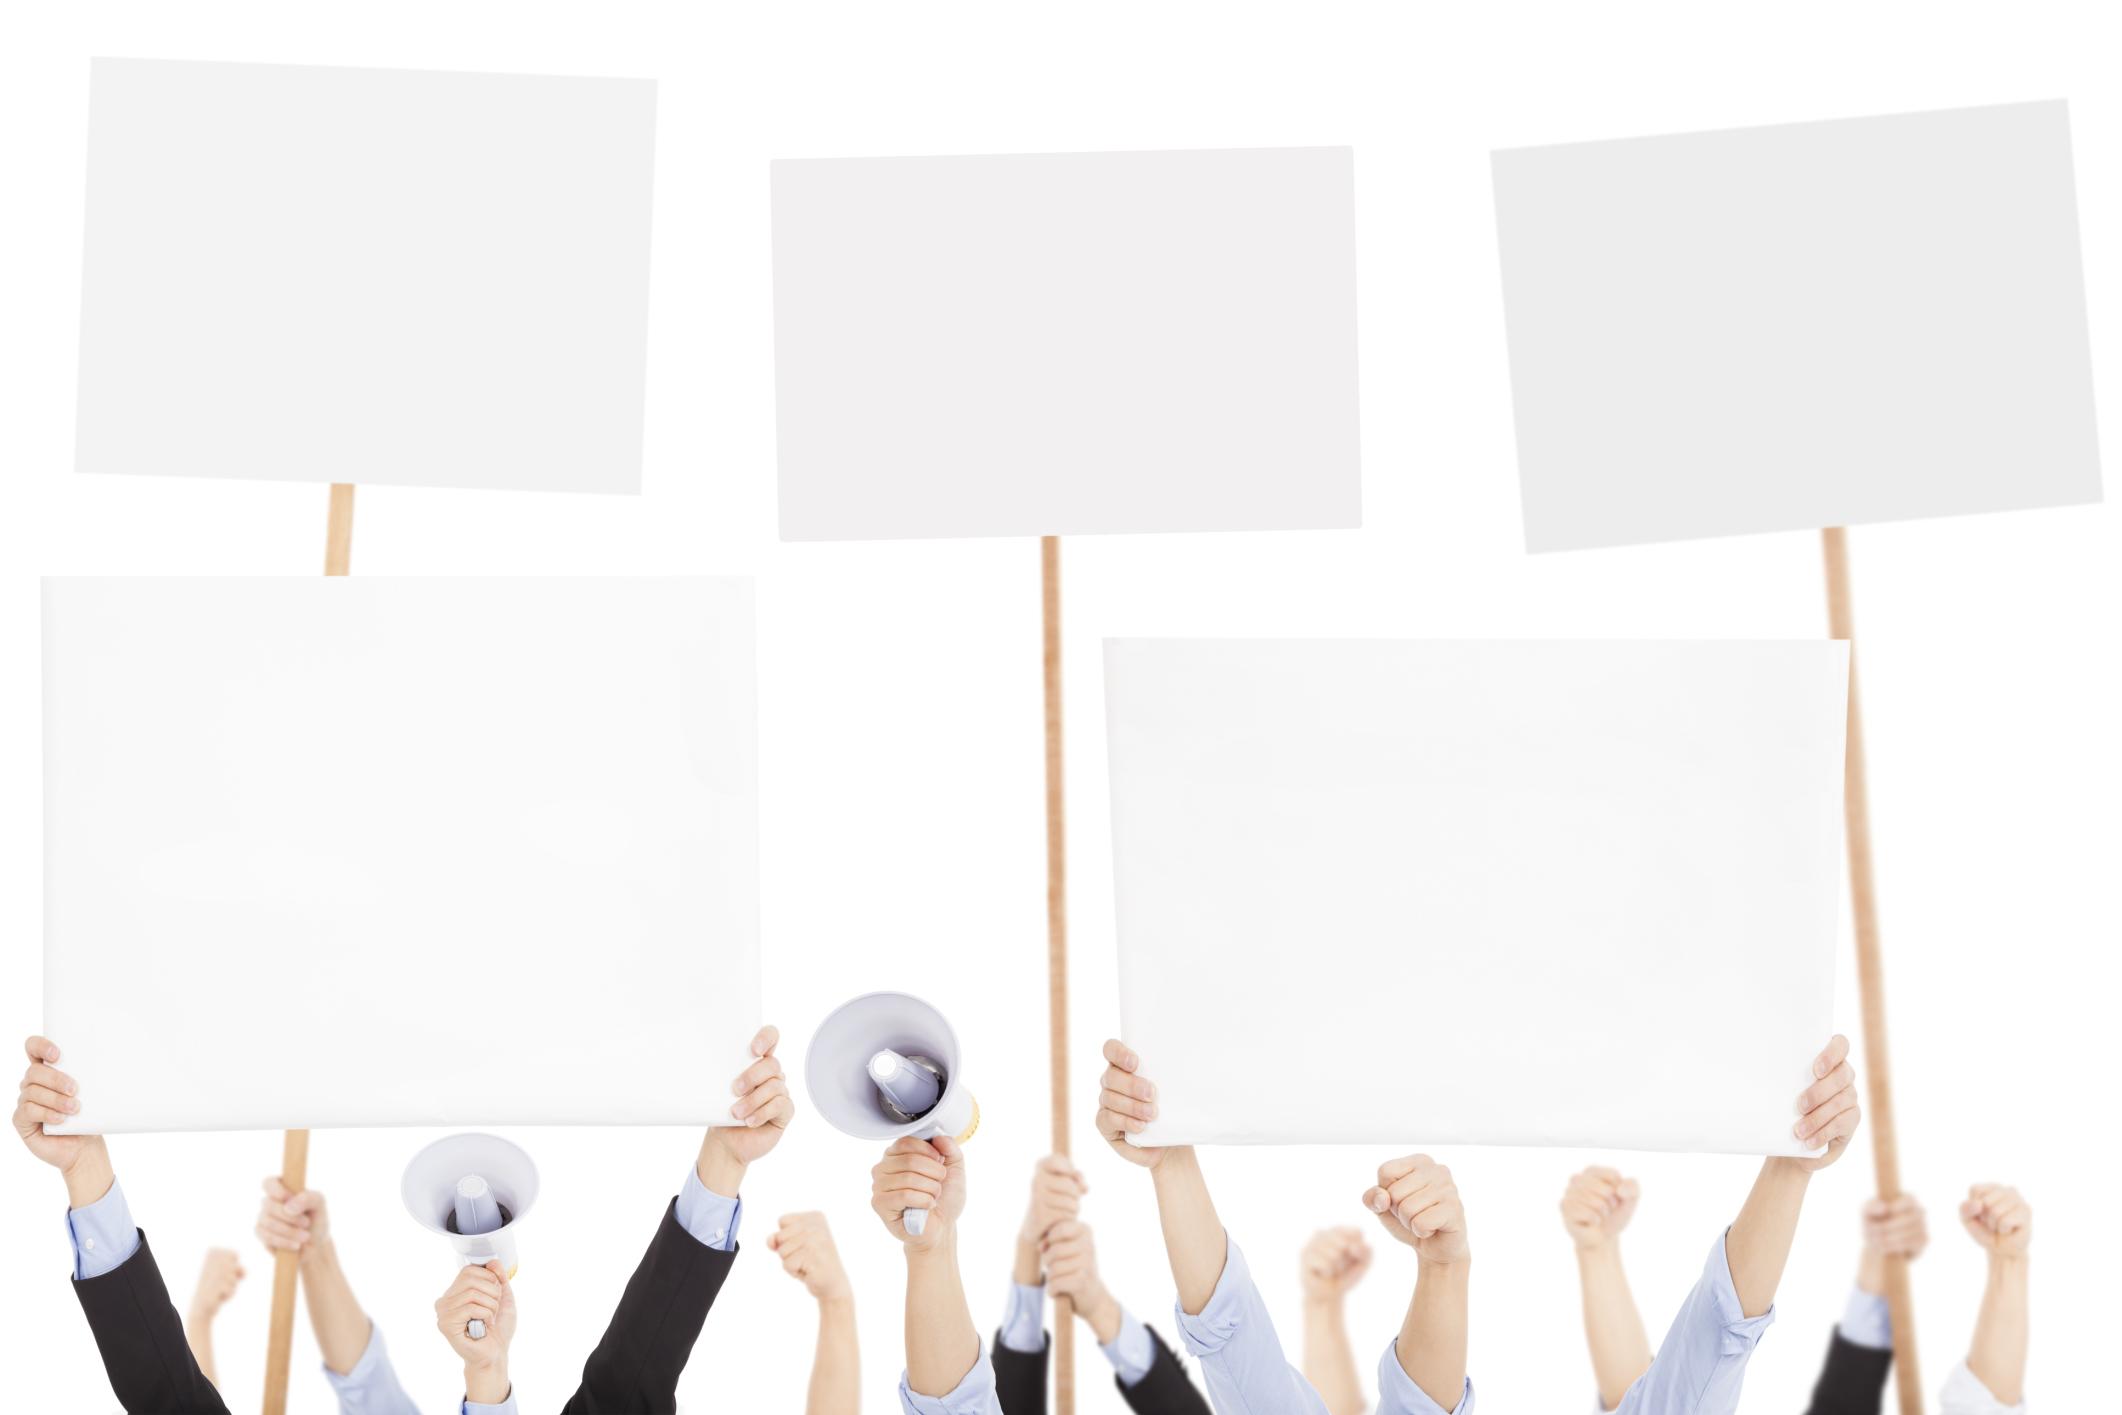 Cómo crear un volante para una campaña política | Techlandia